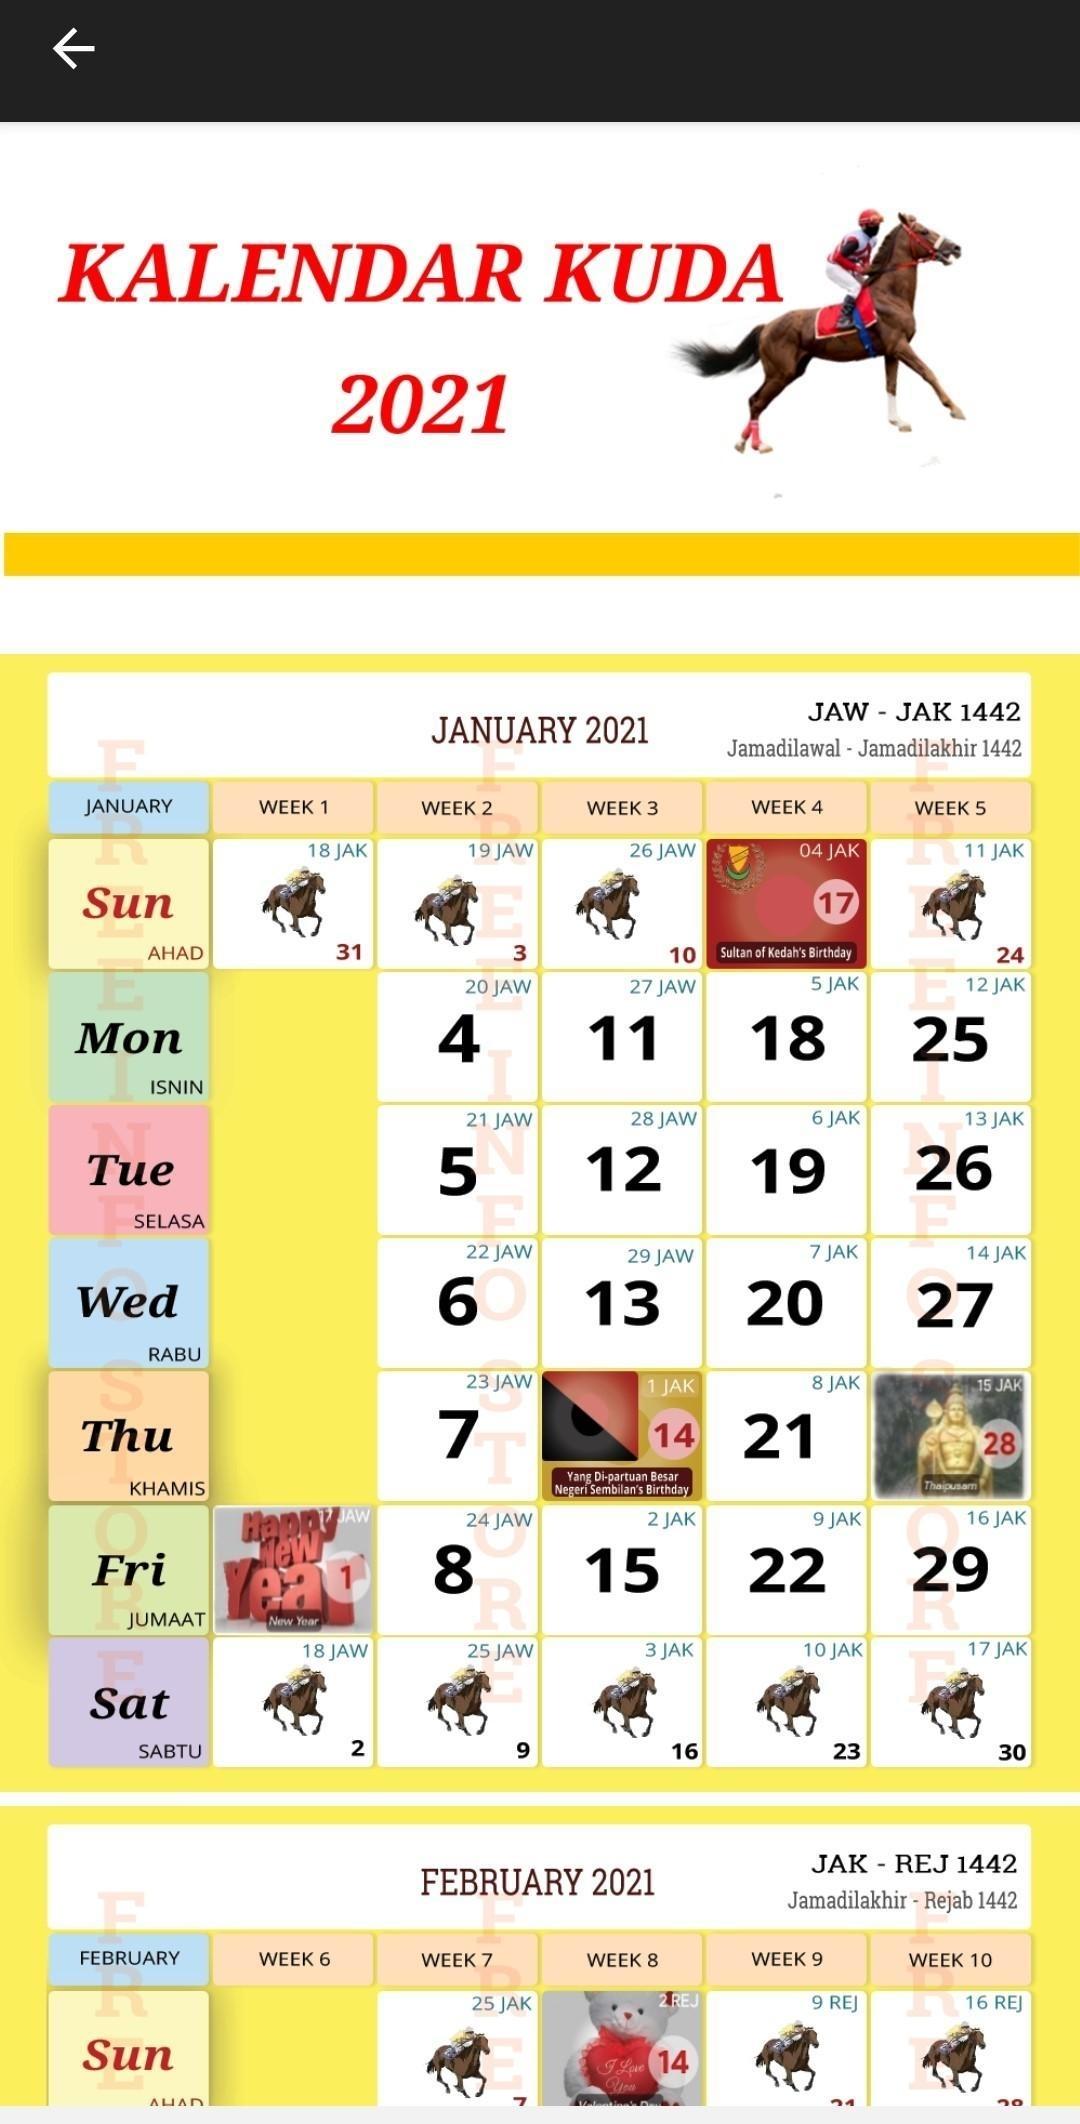 Kalendar Kuda 2021 Pour Android - Téléchargez L'Apk